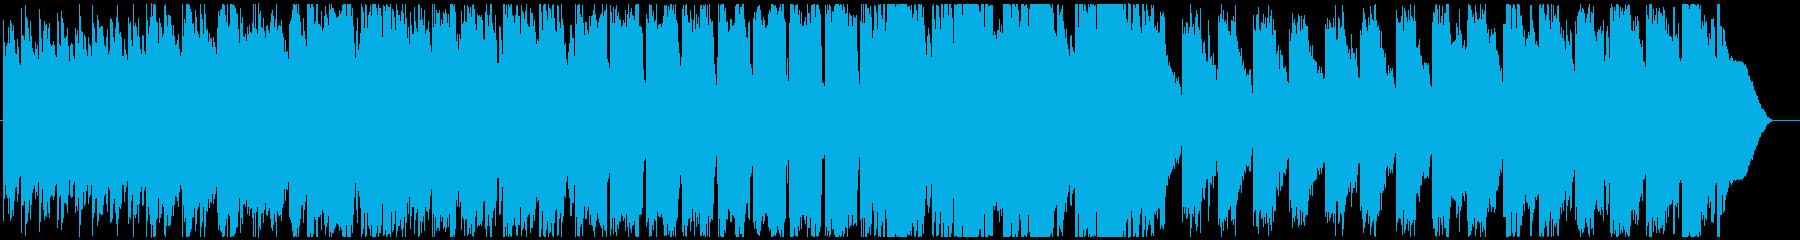 妖精の森をイメージしたファンタジーBGMの再生済みの波形